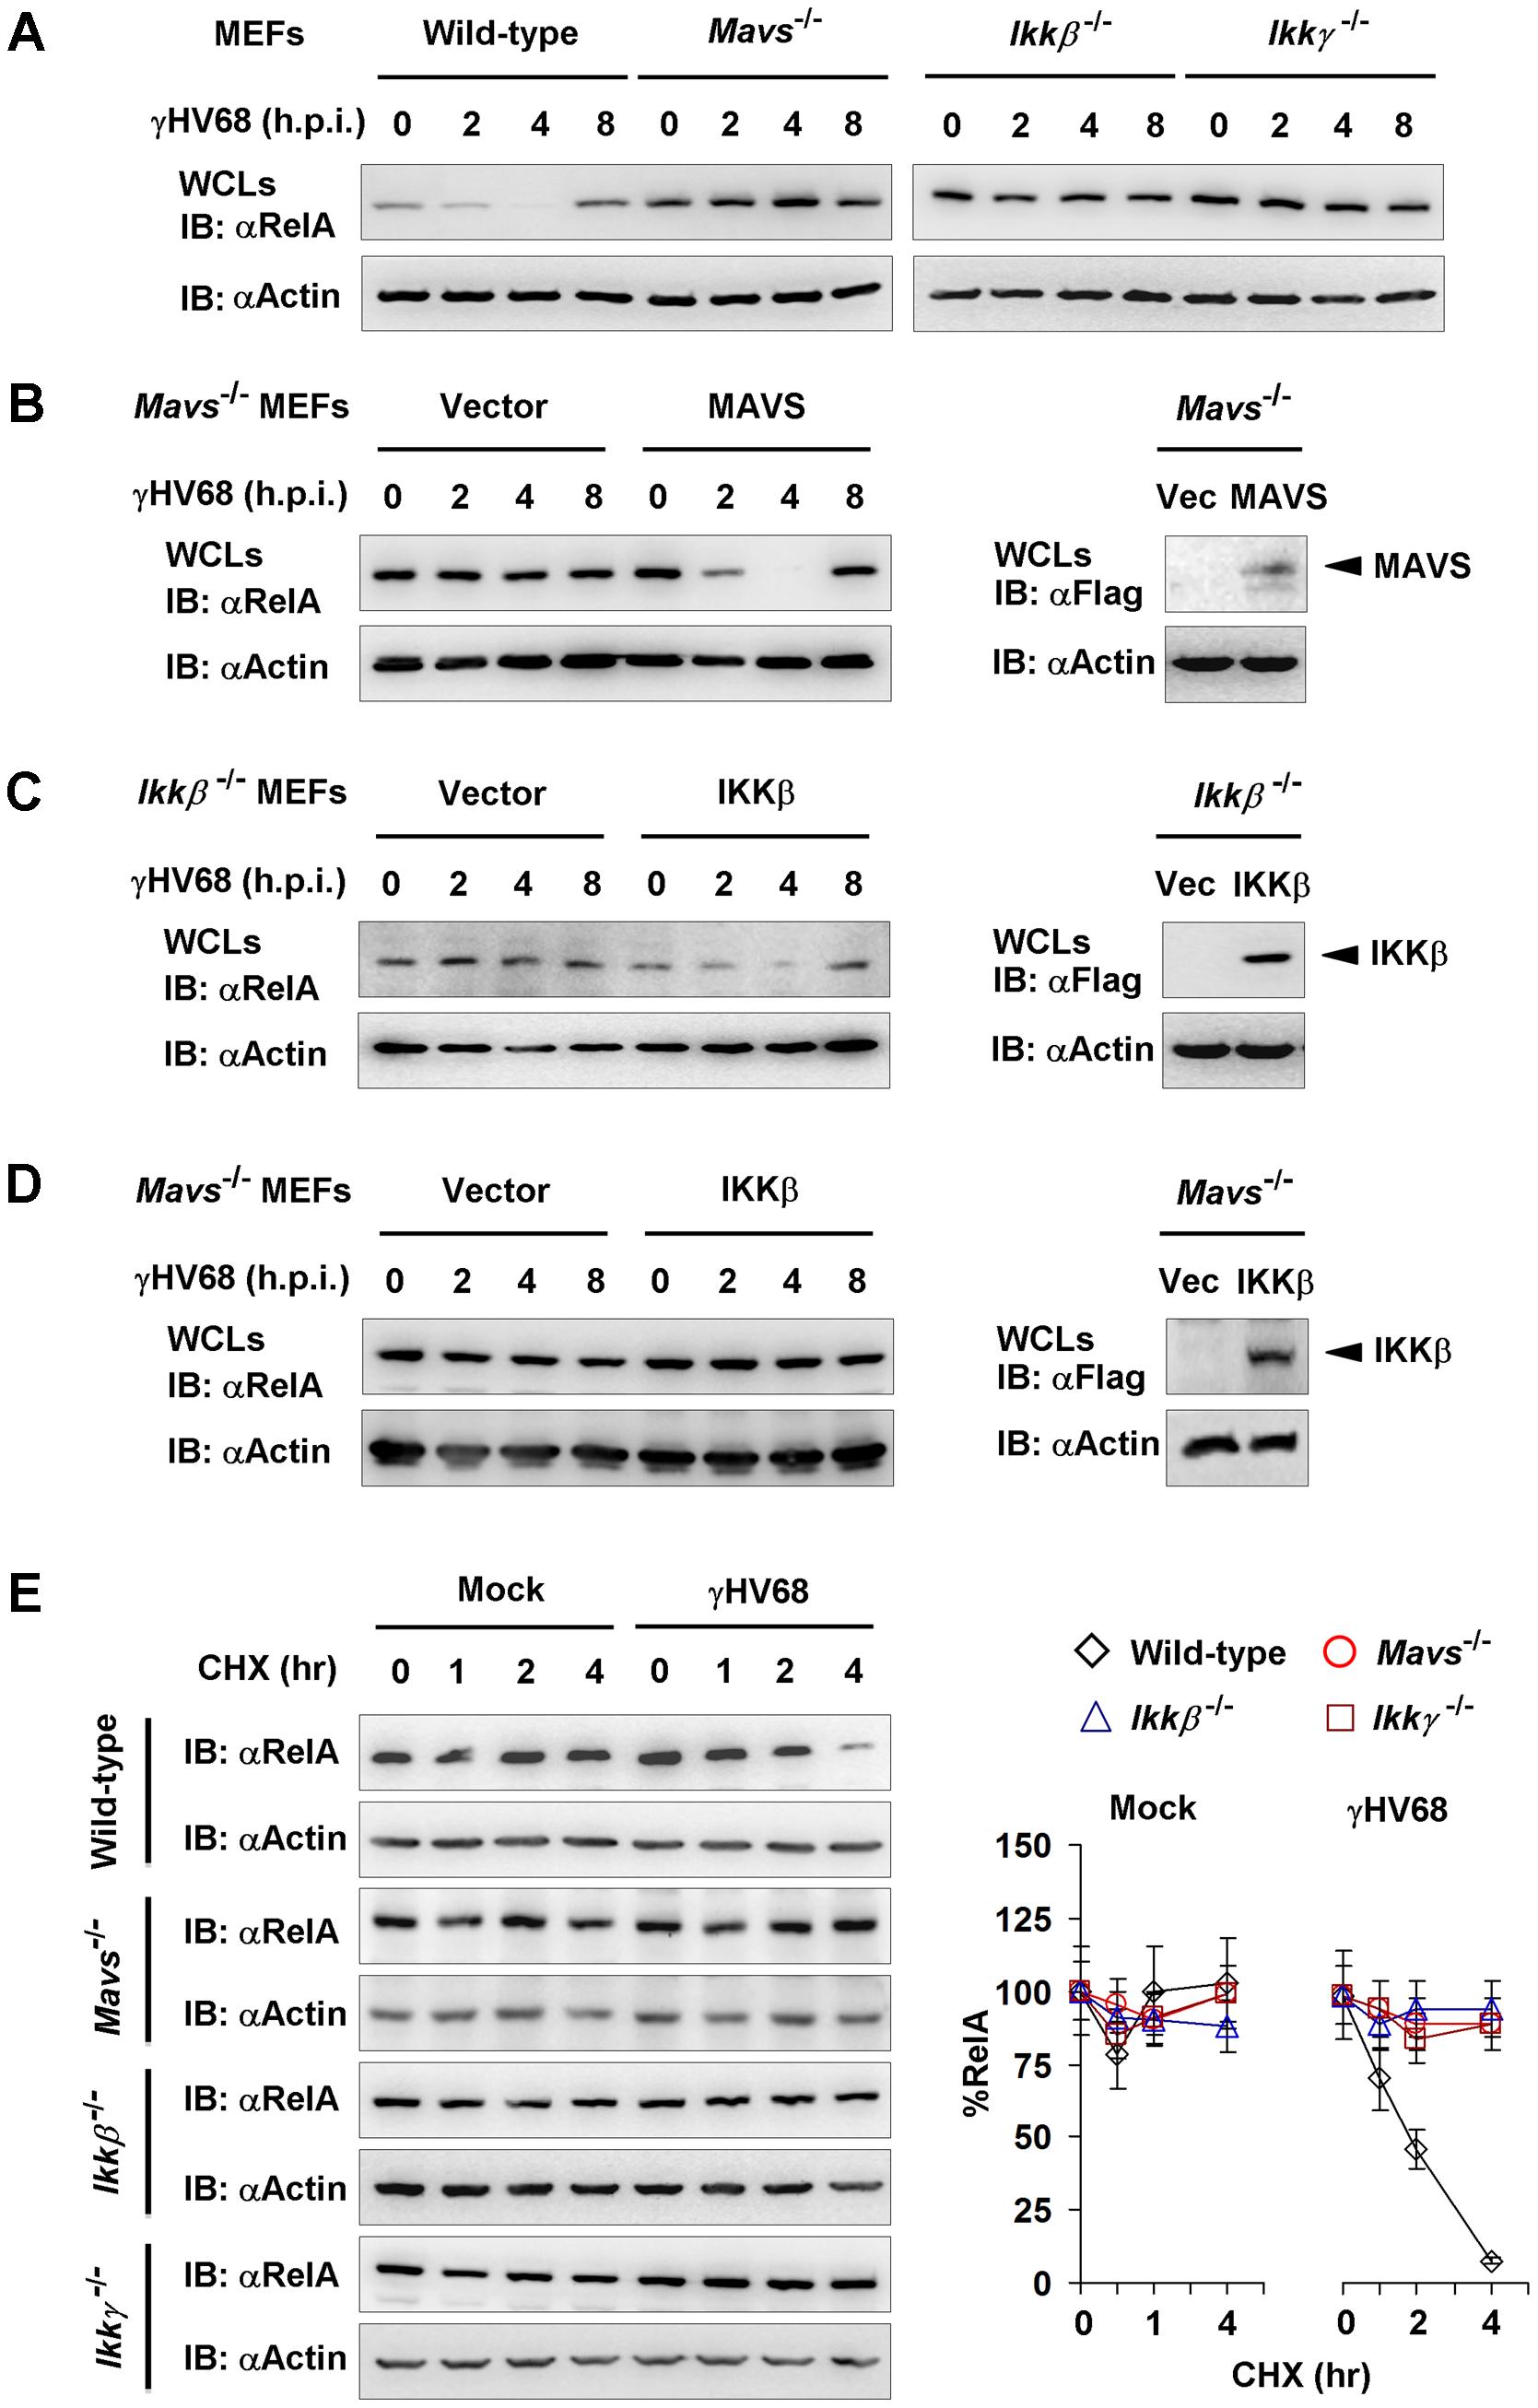 γHV68 infection induces transient RelA degradation in a MAVS- and IKKβ-dependent manner.